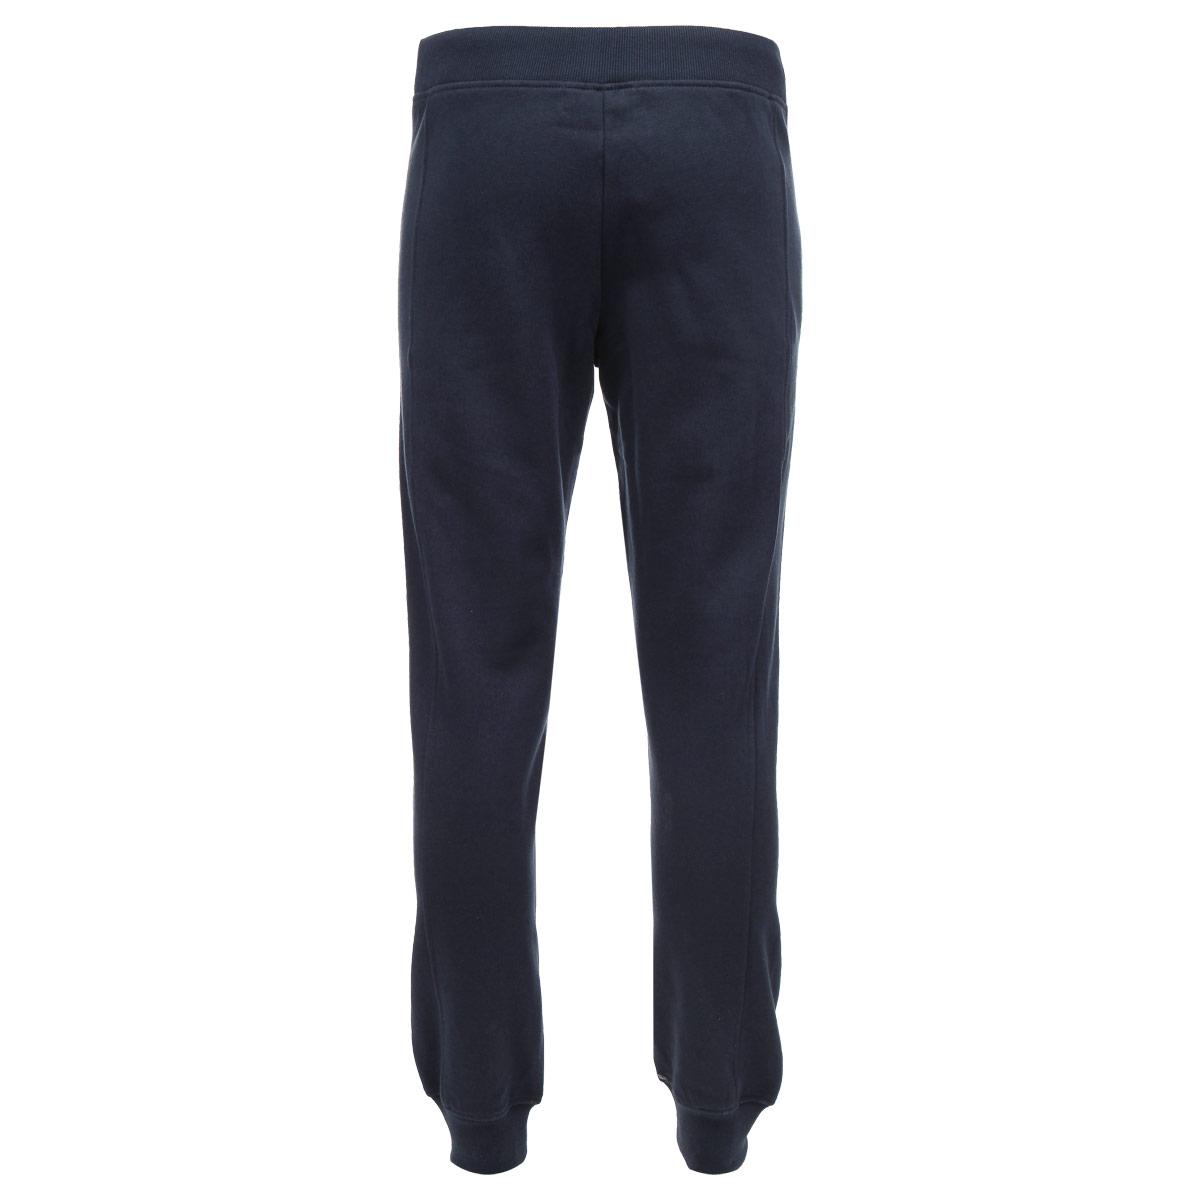 Pk-215/331L-5332DМужские спортивные брюки Sela изготовлены из мягкого хлопкового трикотажа с добавлением полиэстера. Лицевая сторона гладкая, а изнаночная - с мягким теплым начесом. Модель прямого кроя и средней посадки спереди дополнена двумя прорезными карманами. Брючины дополнены широкими трикотажными манжетами. В таких брюках любой мужчина будет чувствовать себя комфортно и дома, и на отдыхе.